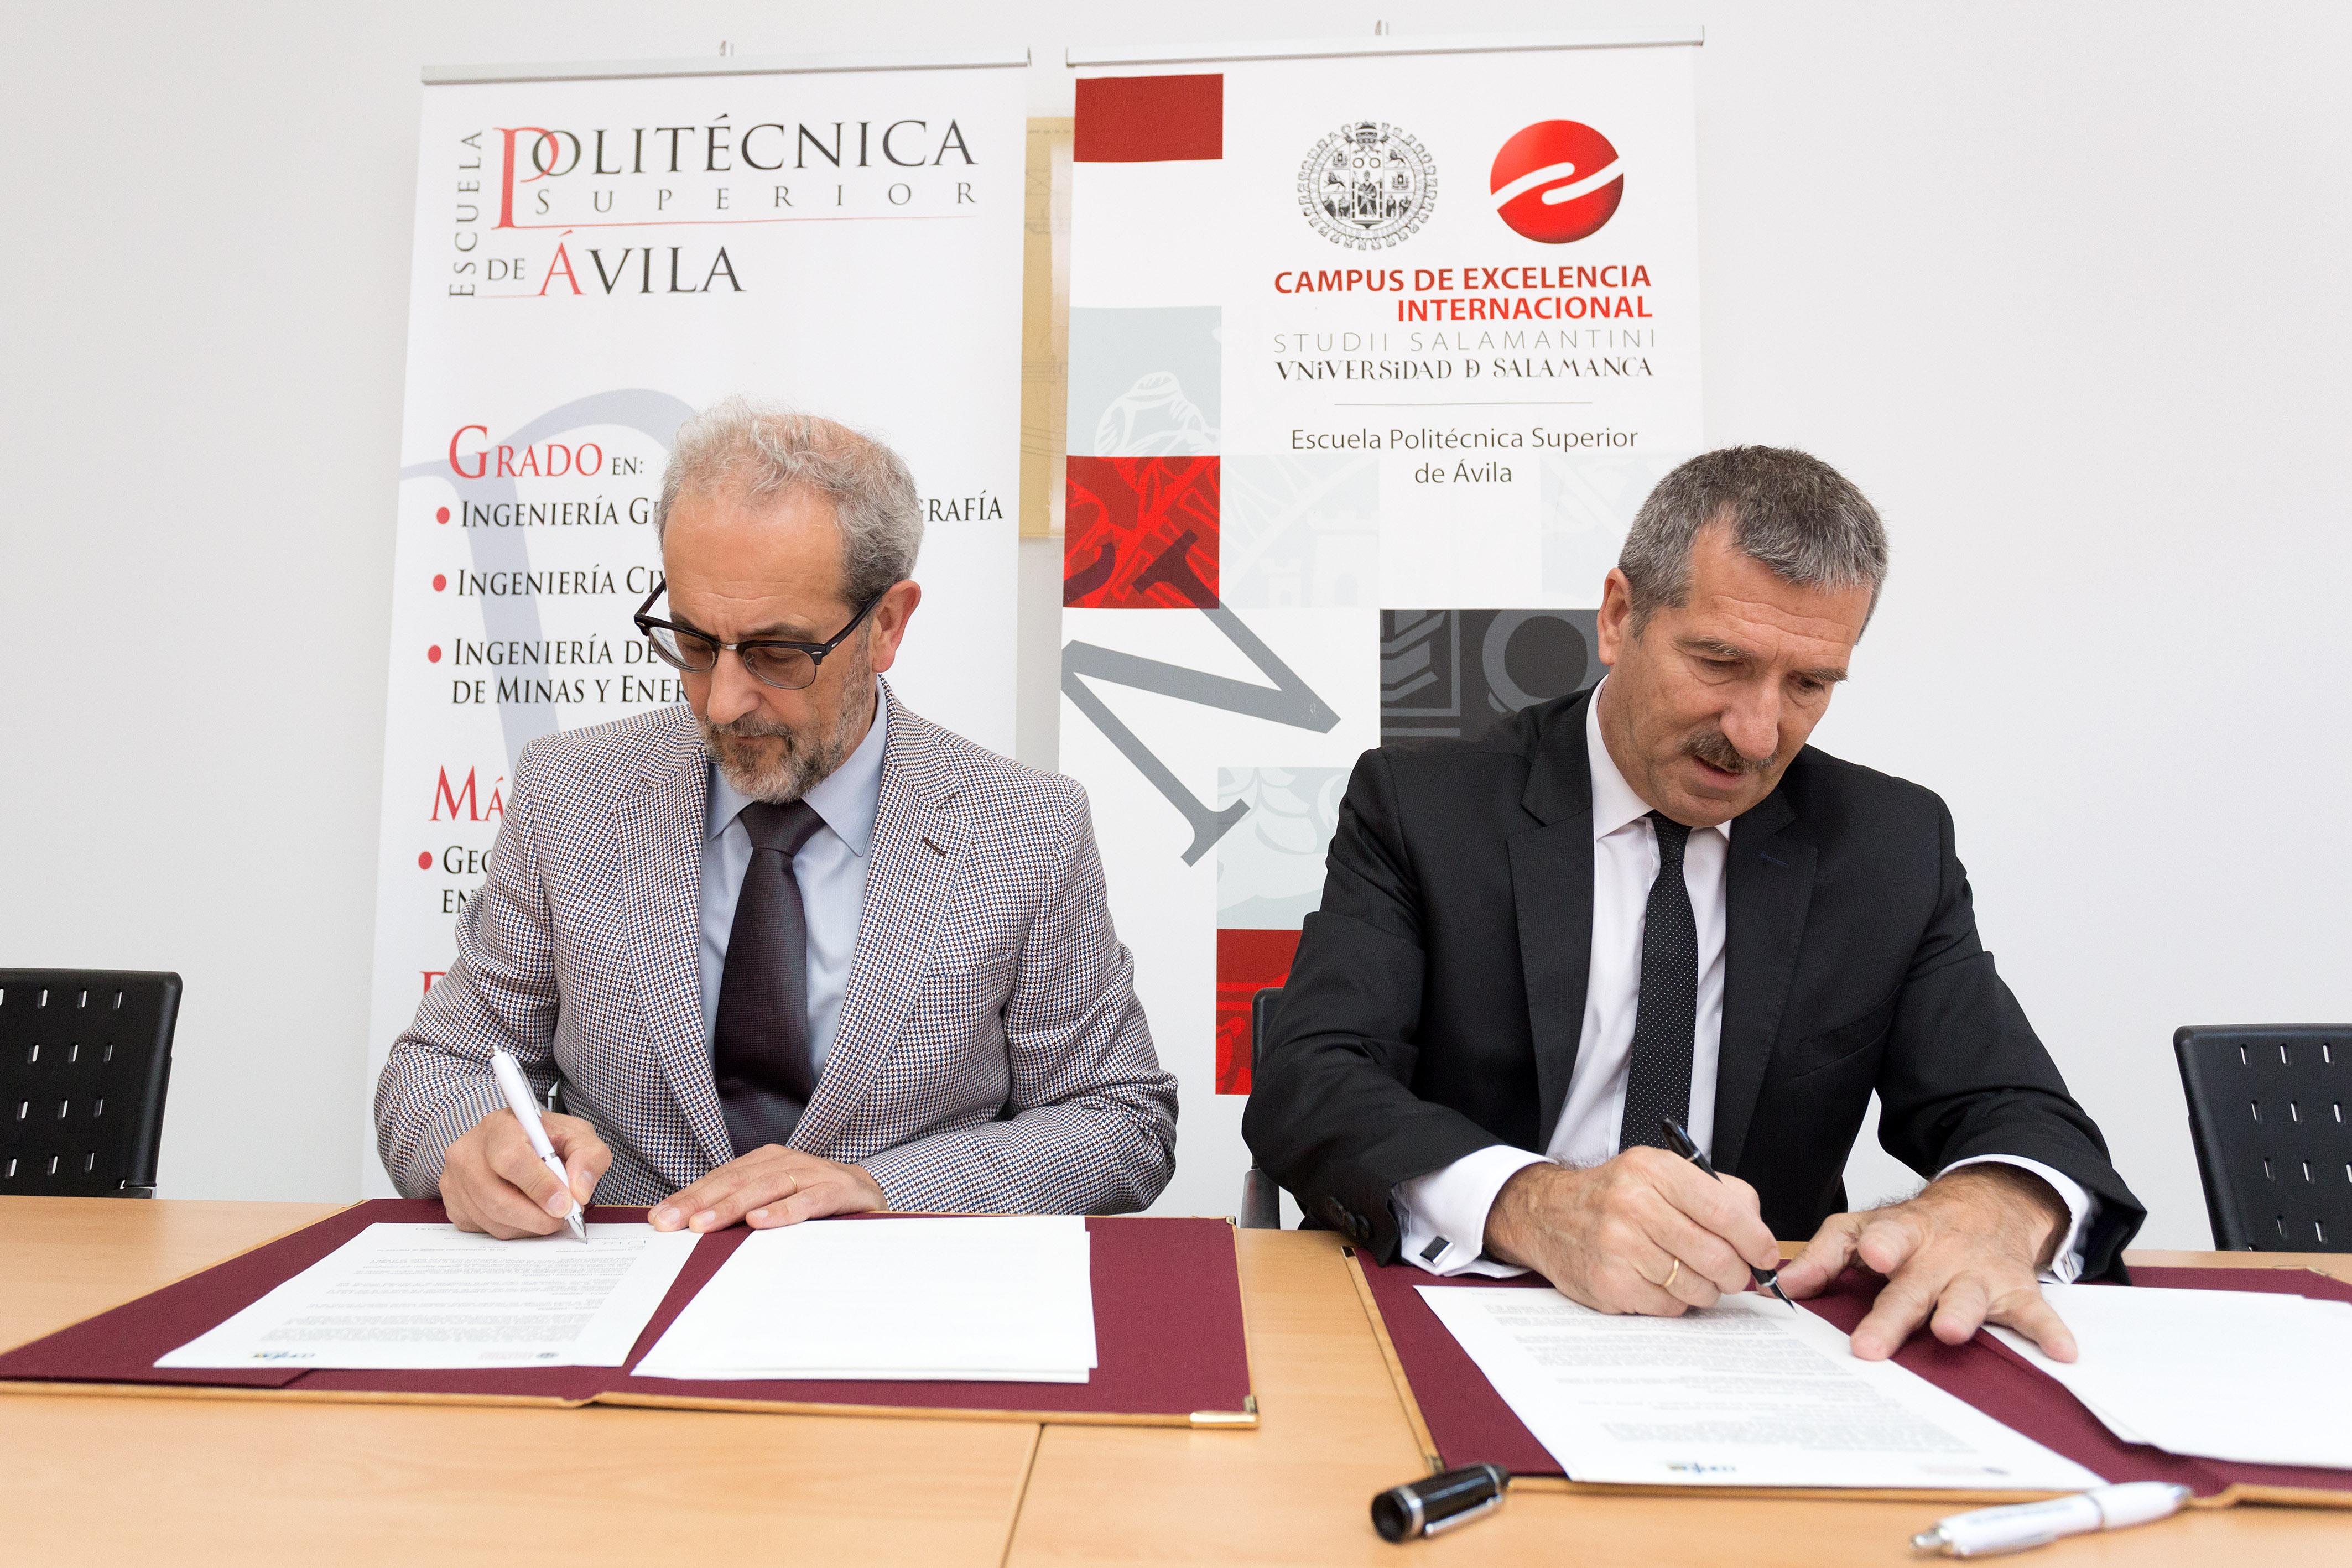 La Universidad de Salamanca y la Confederación Abulense de Empresarios desarrollan proyectos innovadores para mejorar la productividad y competitividad de las pymes